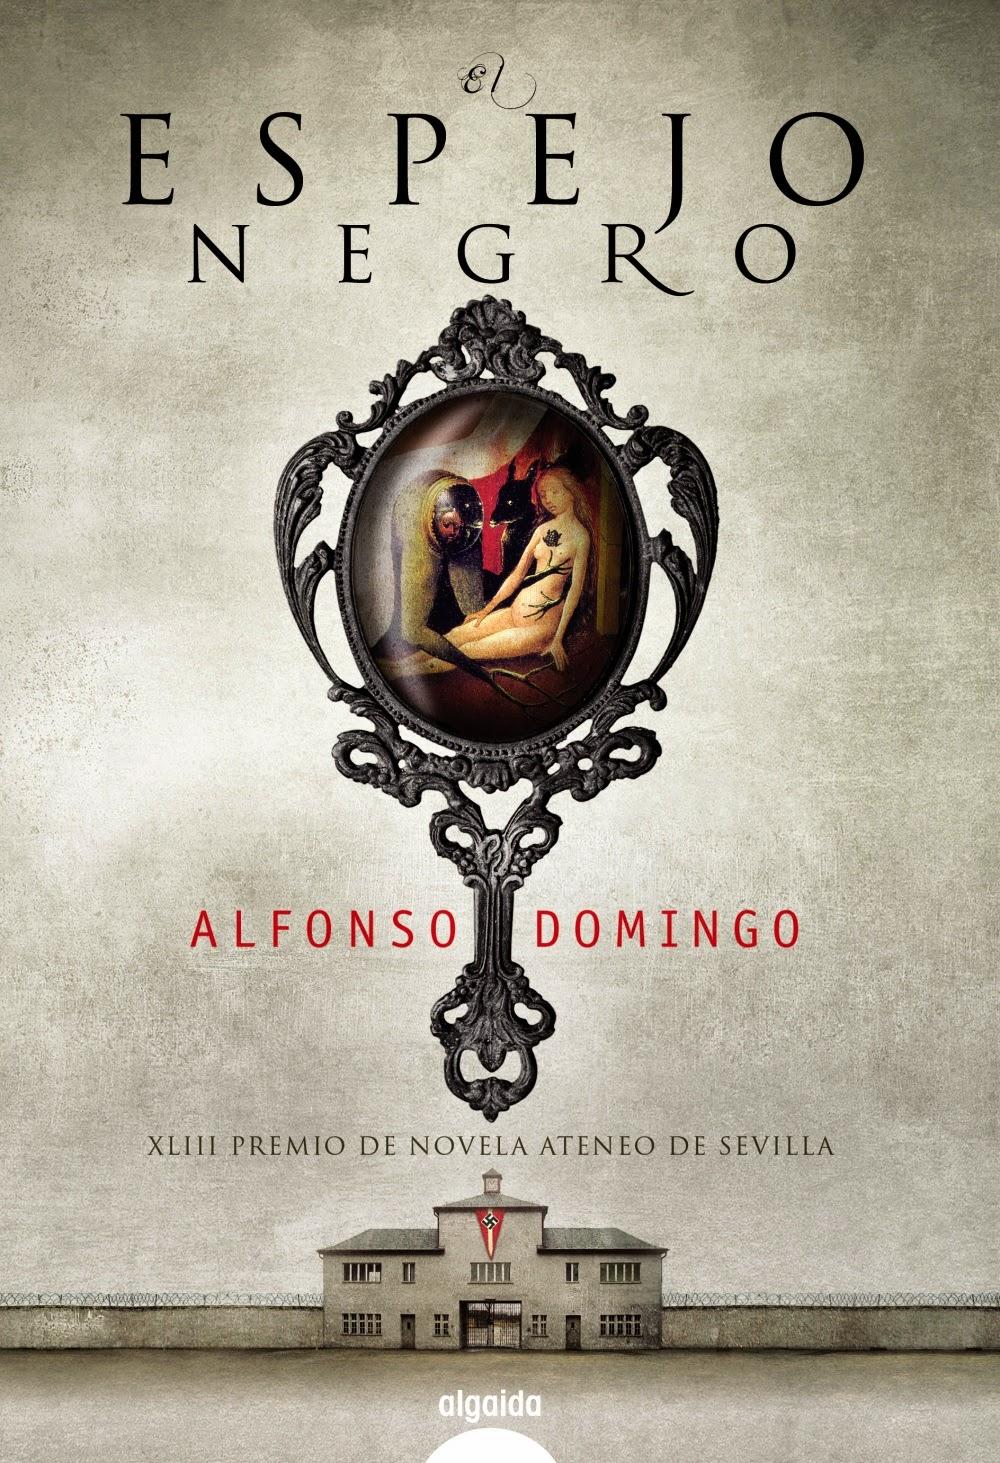 El espejo negro - Alfonso Domingo (2011)